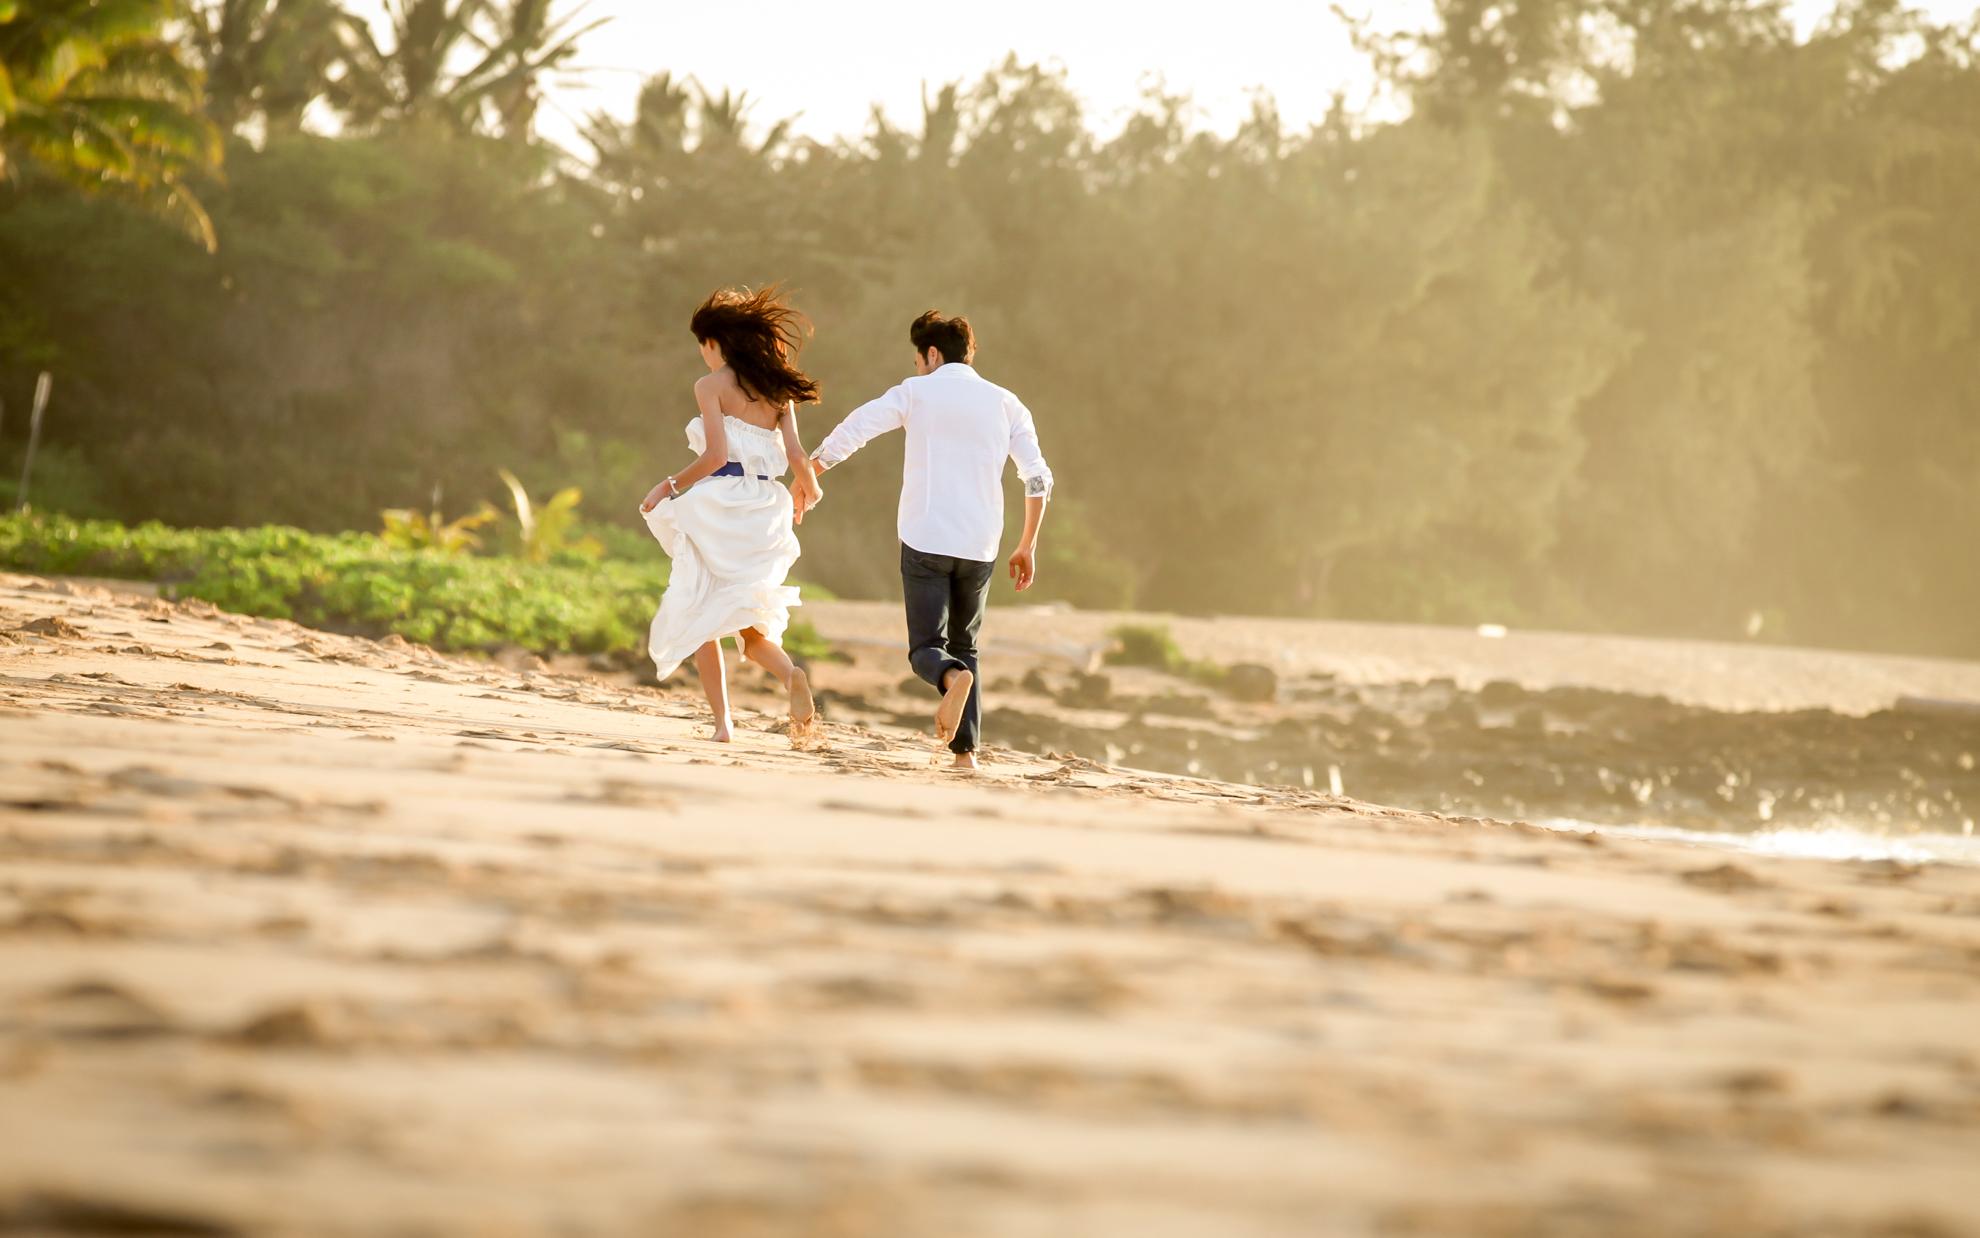 Distination+Wedding_Hawaii+weddings_California+Weddings-1.jpg